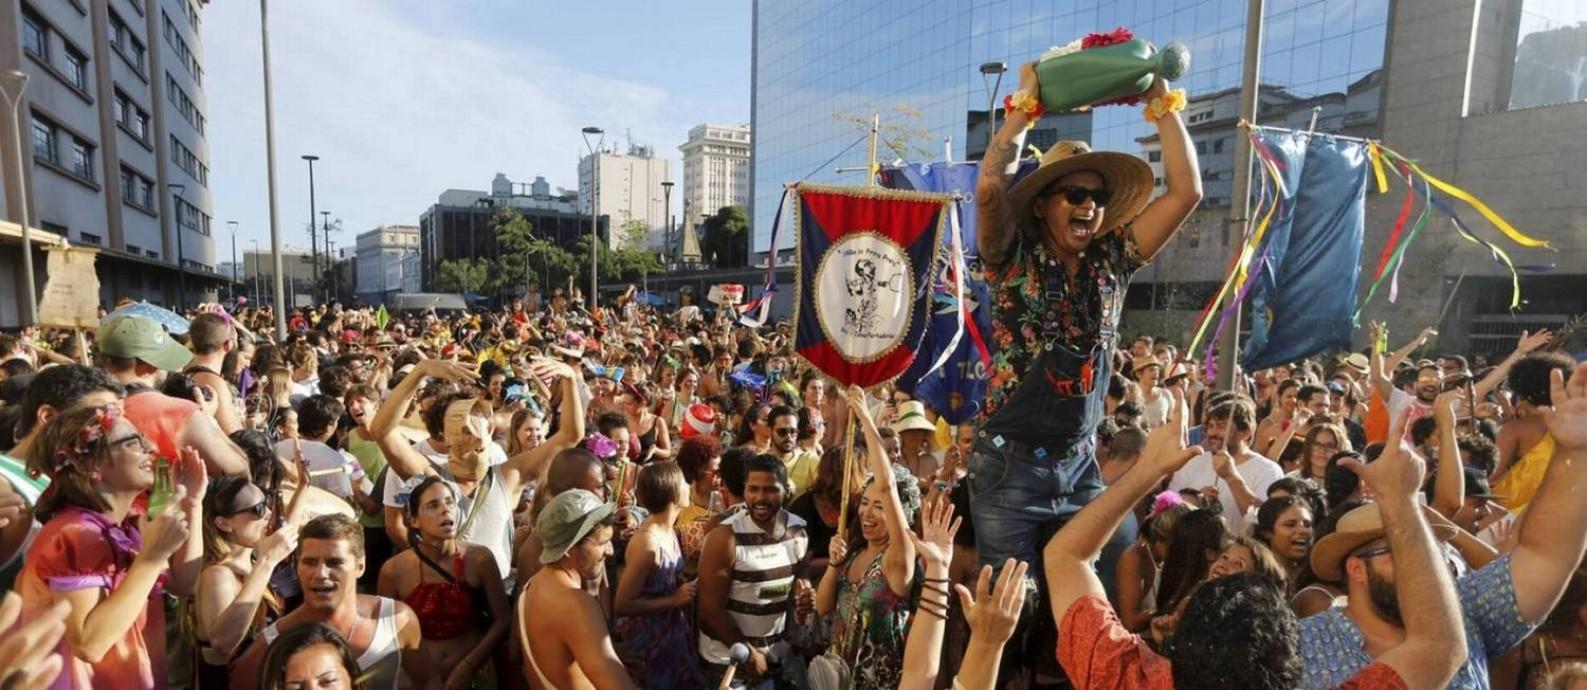 Foliões em desfile de bloco no Rio Foto: / Domingos Peixoto